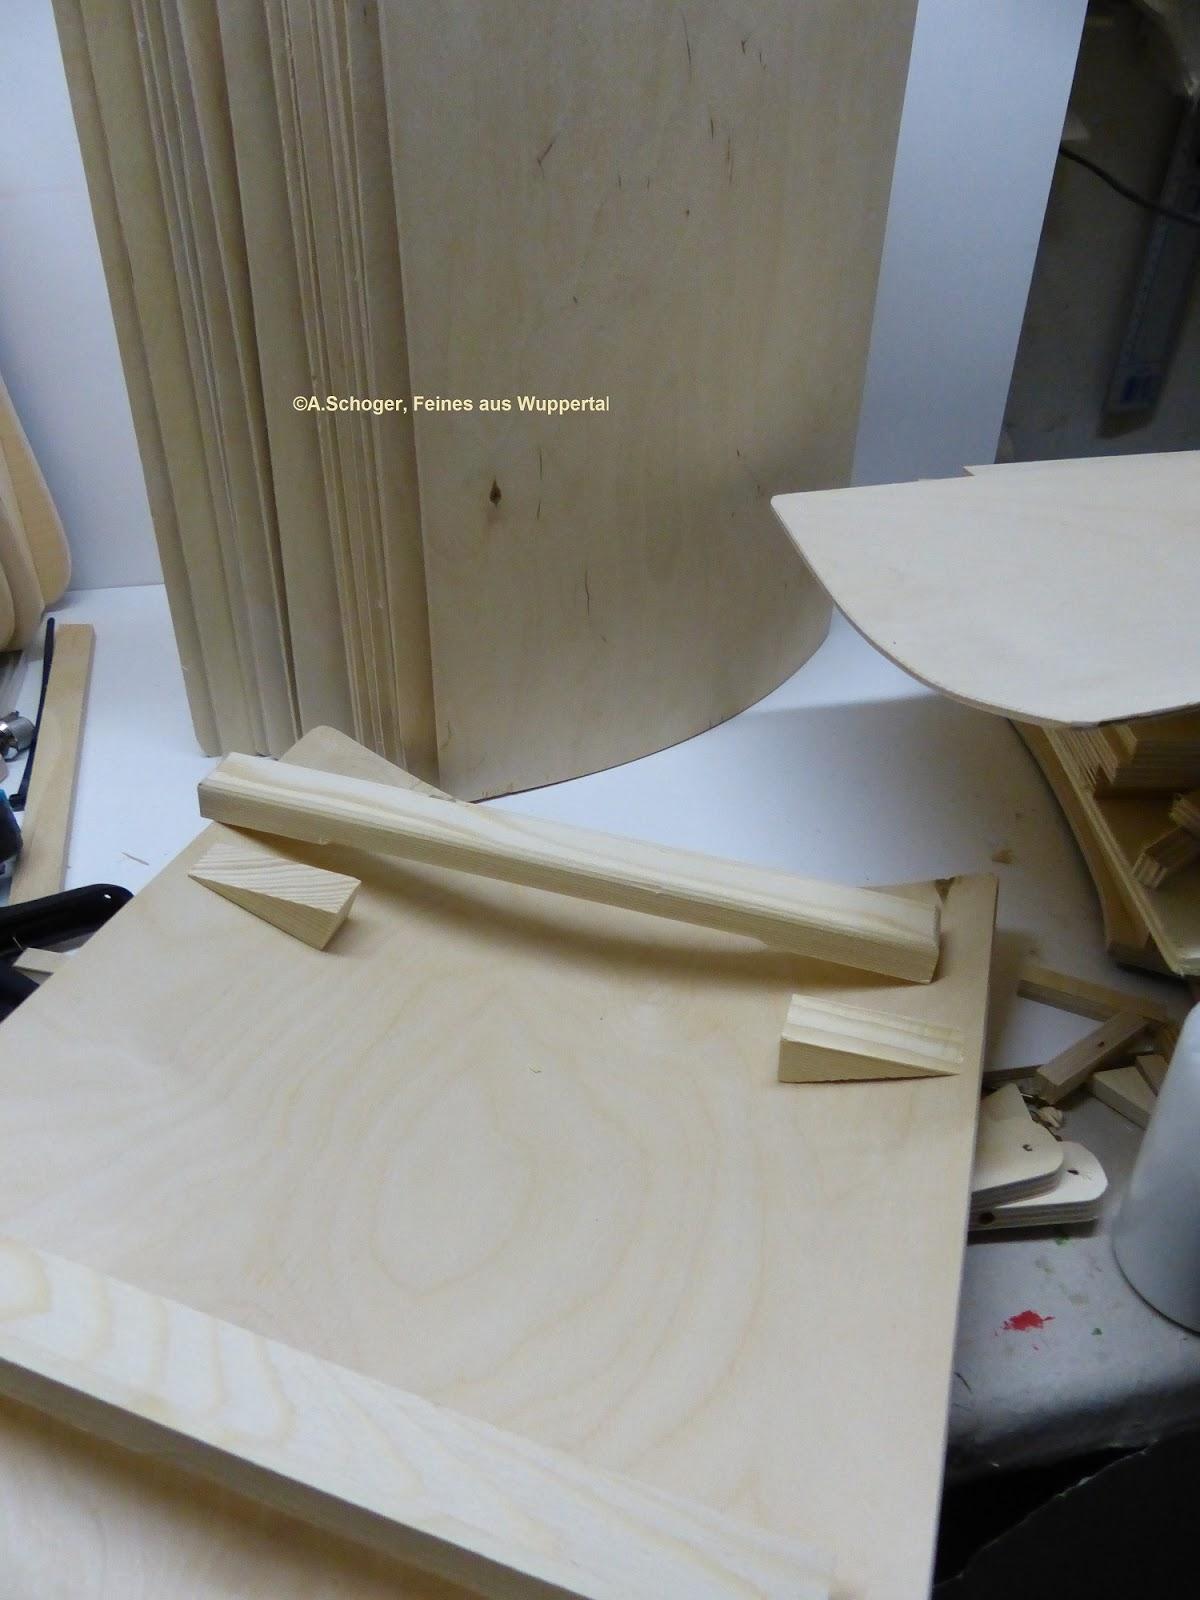 r merschild und r merschwert material vorbereitung feines aus wuppertal. Black Bedroom Furniture Sets. Home Design Ideas